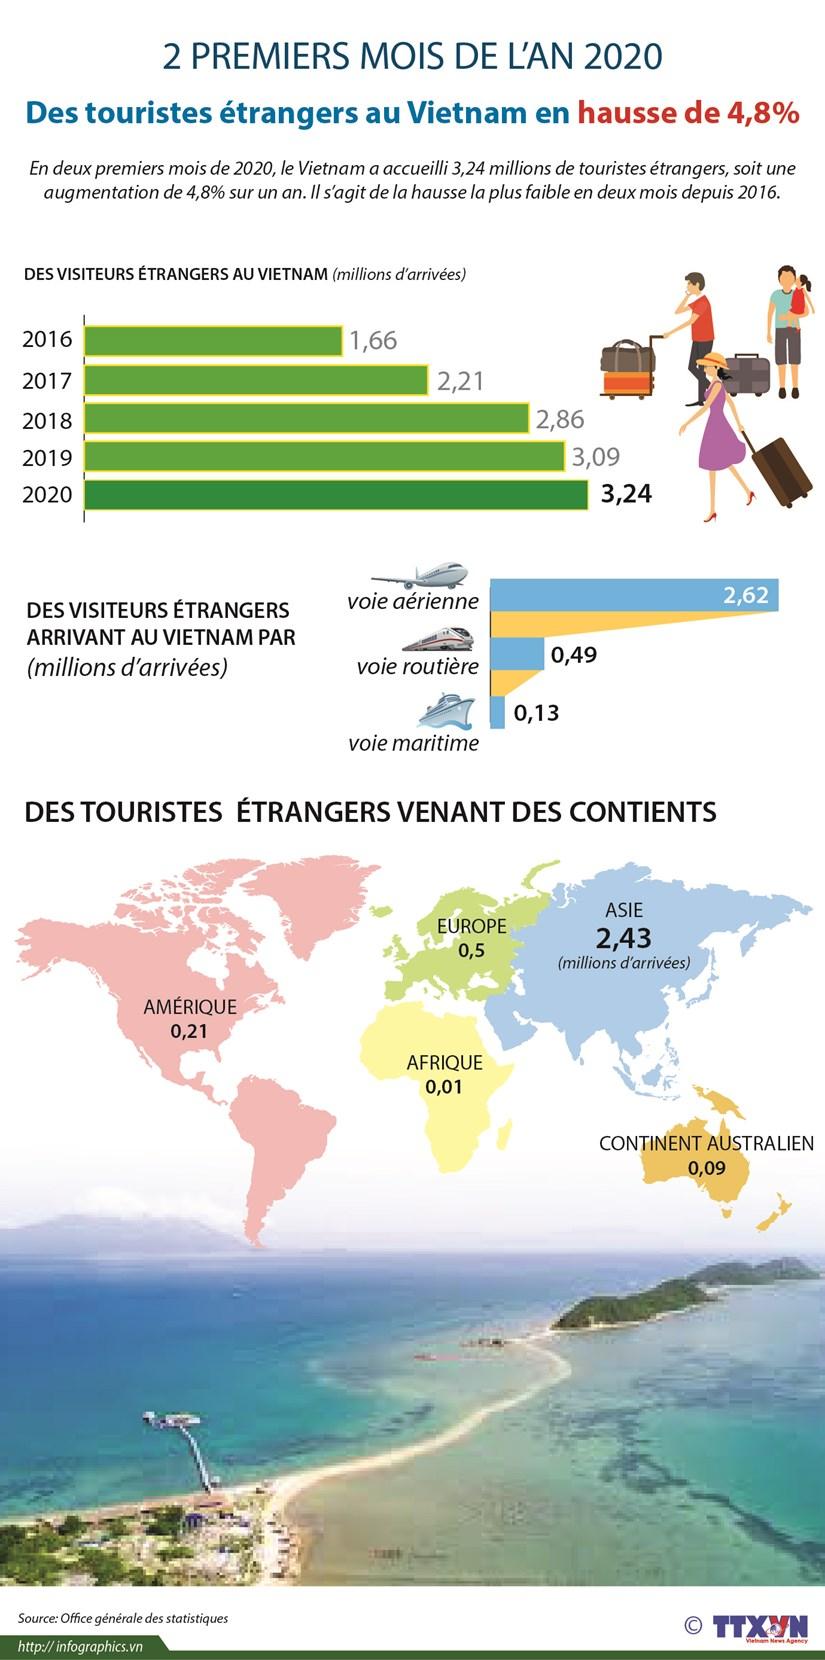 Des touristes etrangers au Vietnam en hausse de 4,8% en deux premiers mois de 2020 hinh anh 1